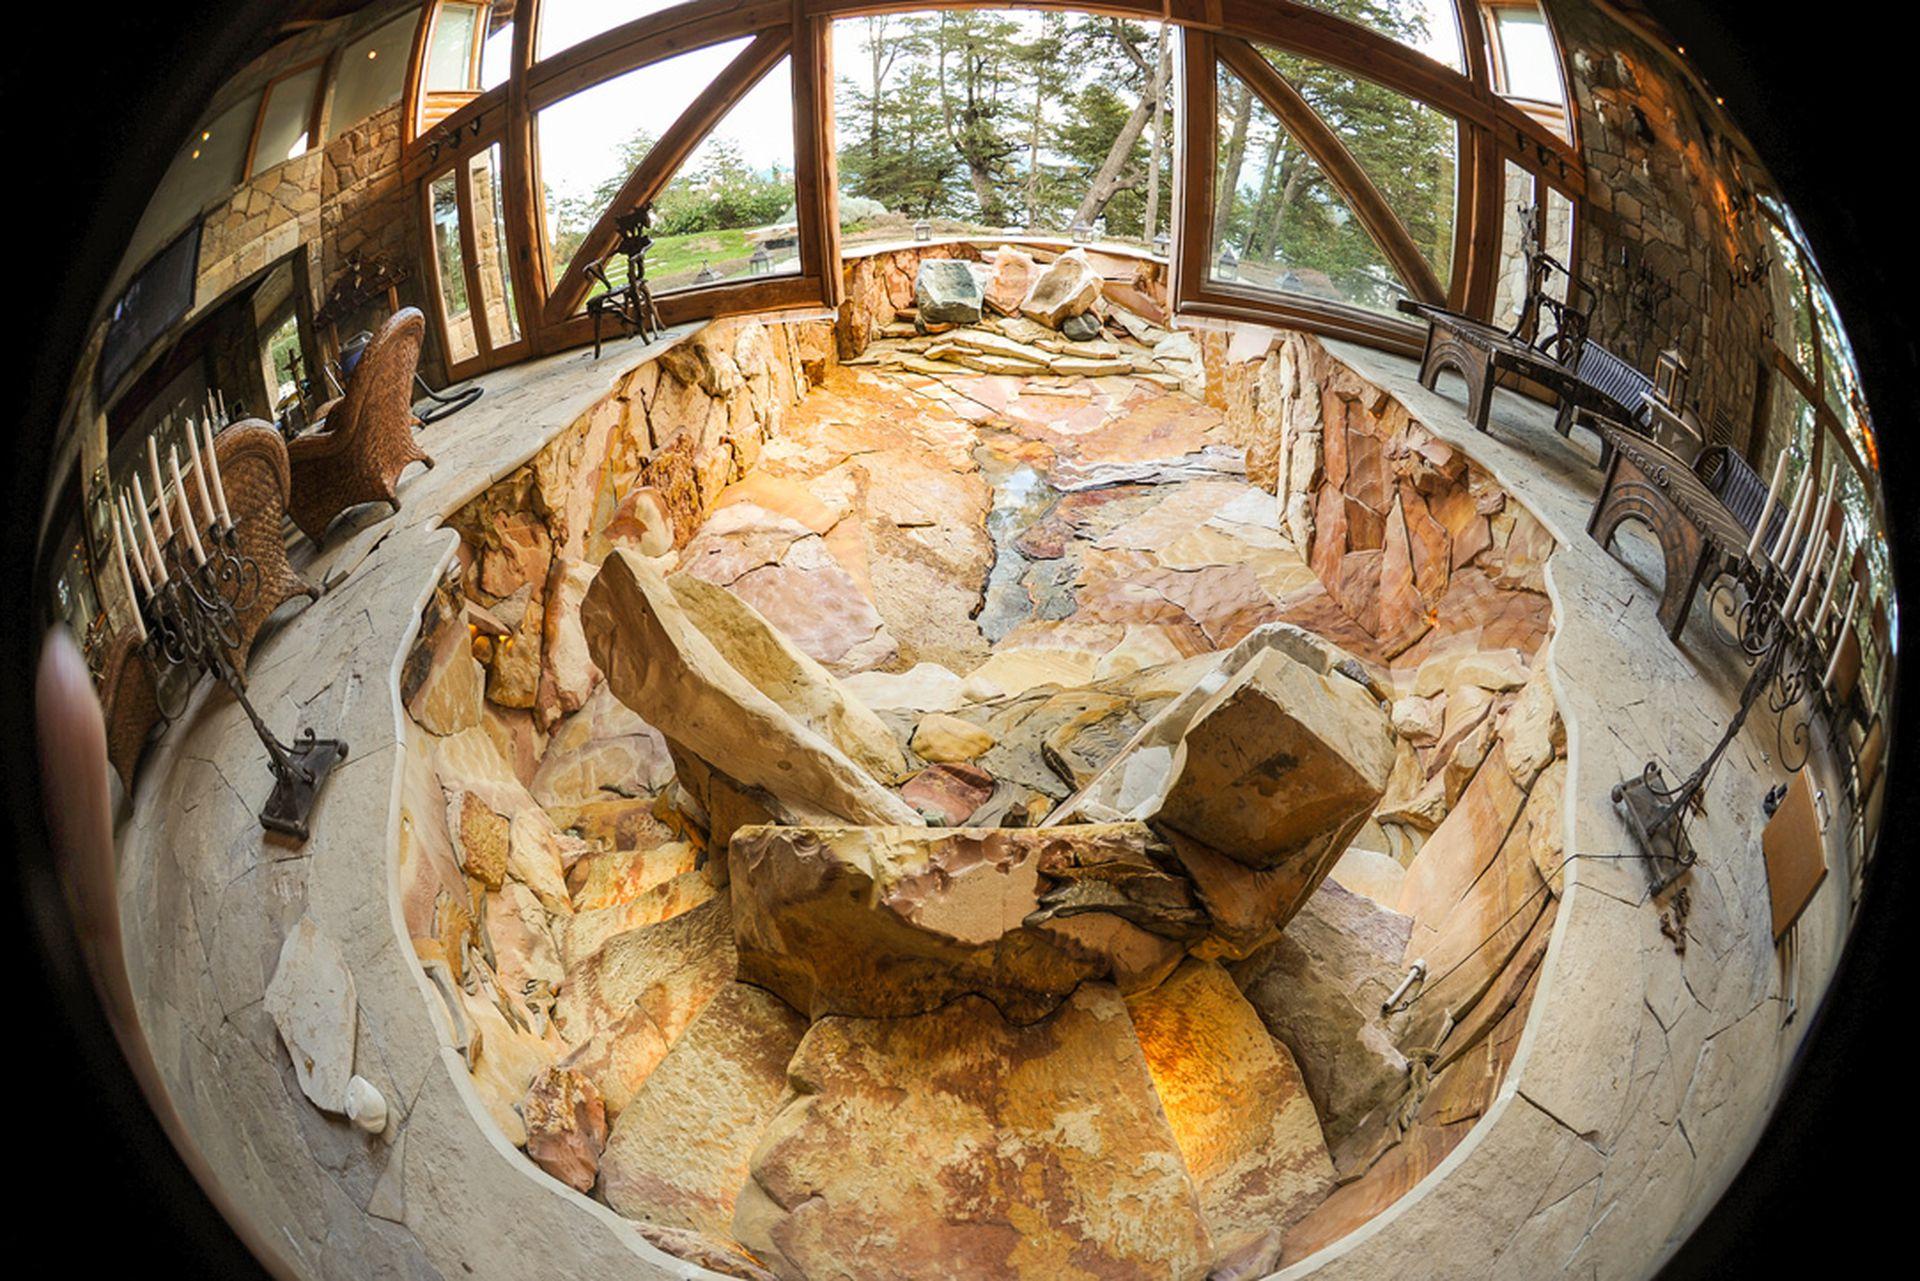 En un spa de Villa La Angostura Marchesi creó una piscina con seis jacuzzis que representa la riqueza de la tierra debajo de nuestros pies.